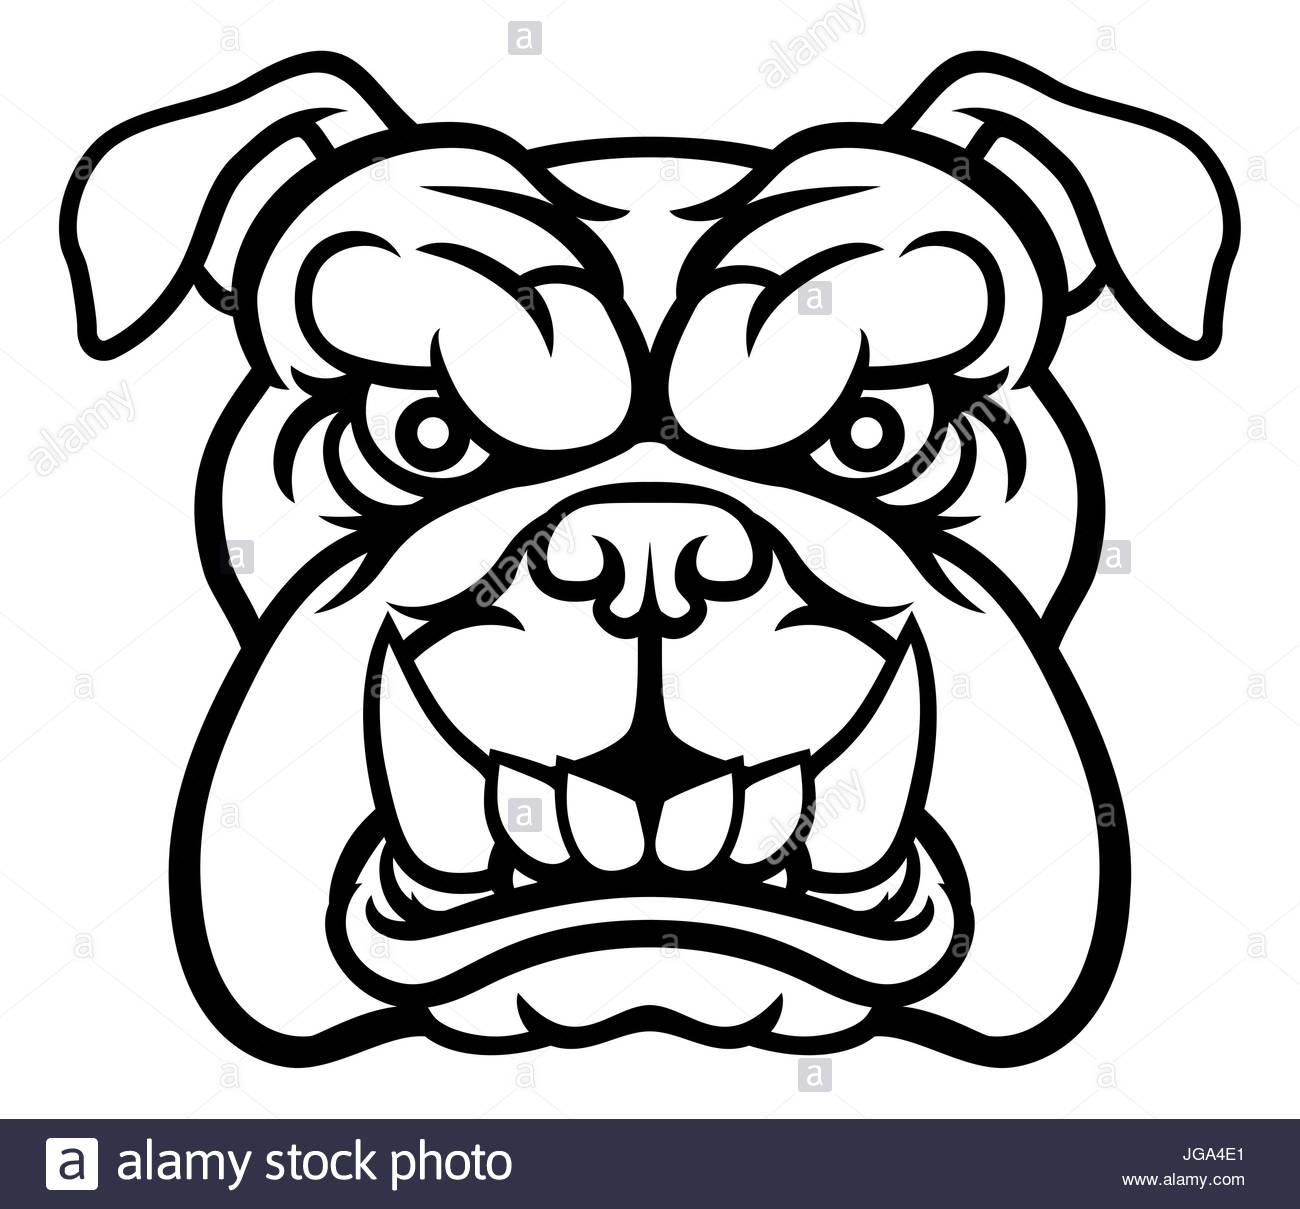 Angry Dog Drawing